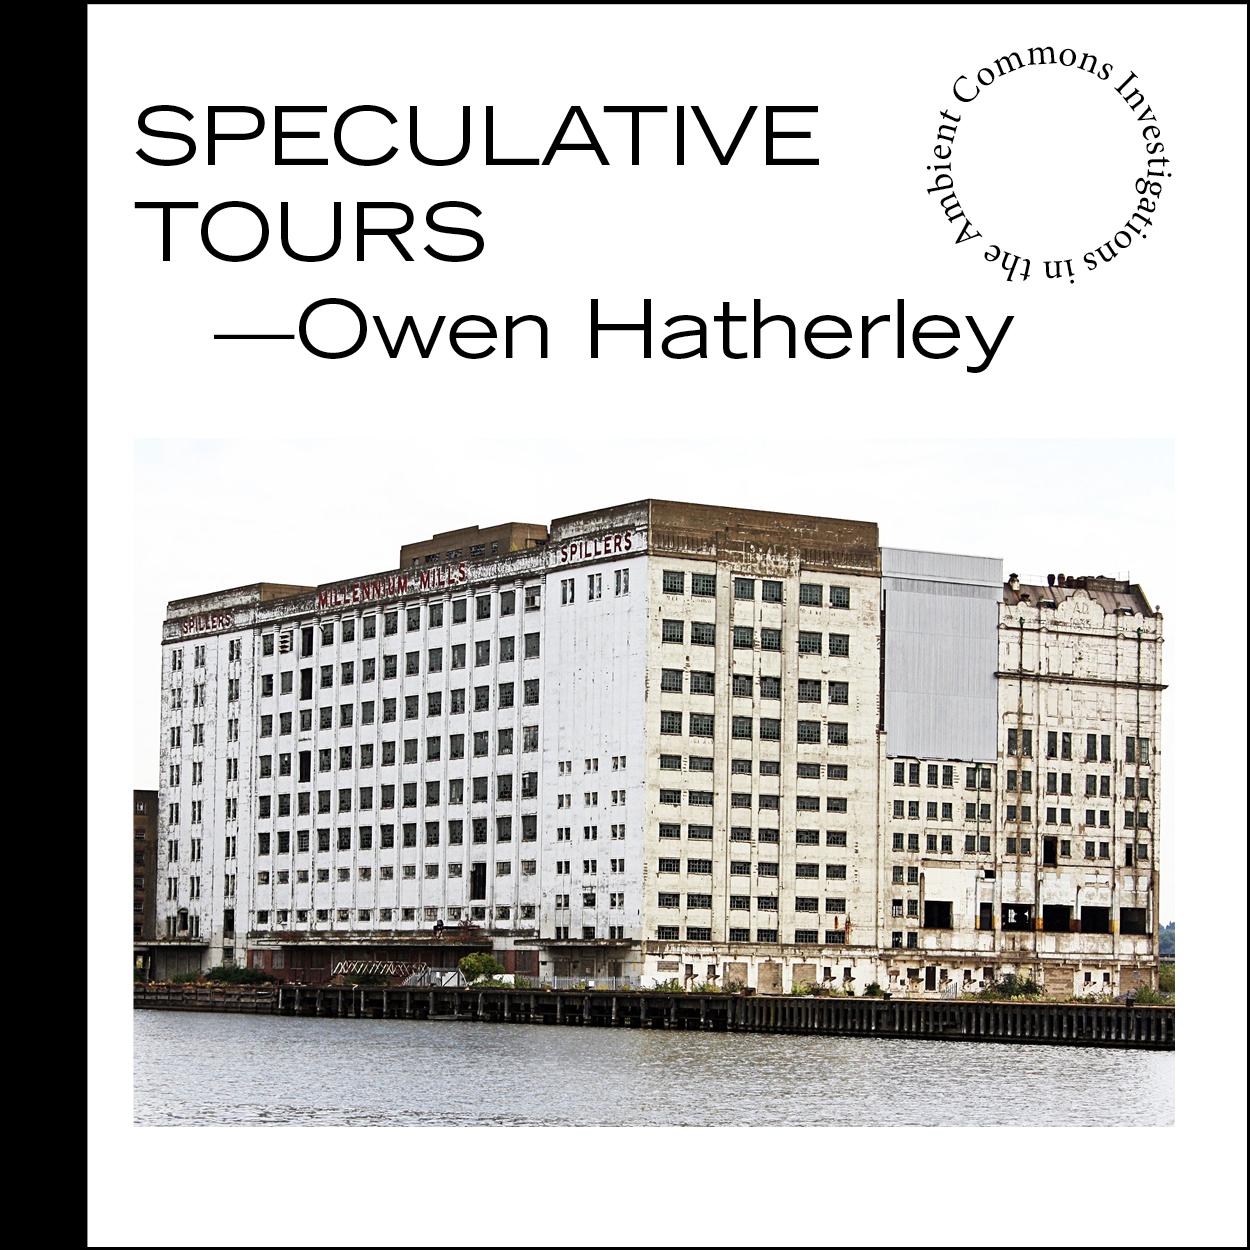 OwenHatherleyEmailFix